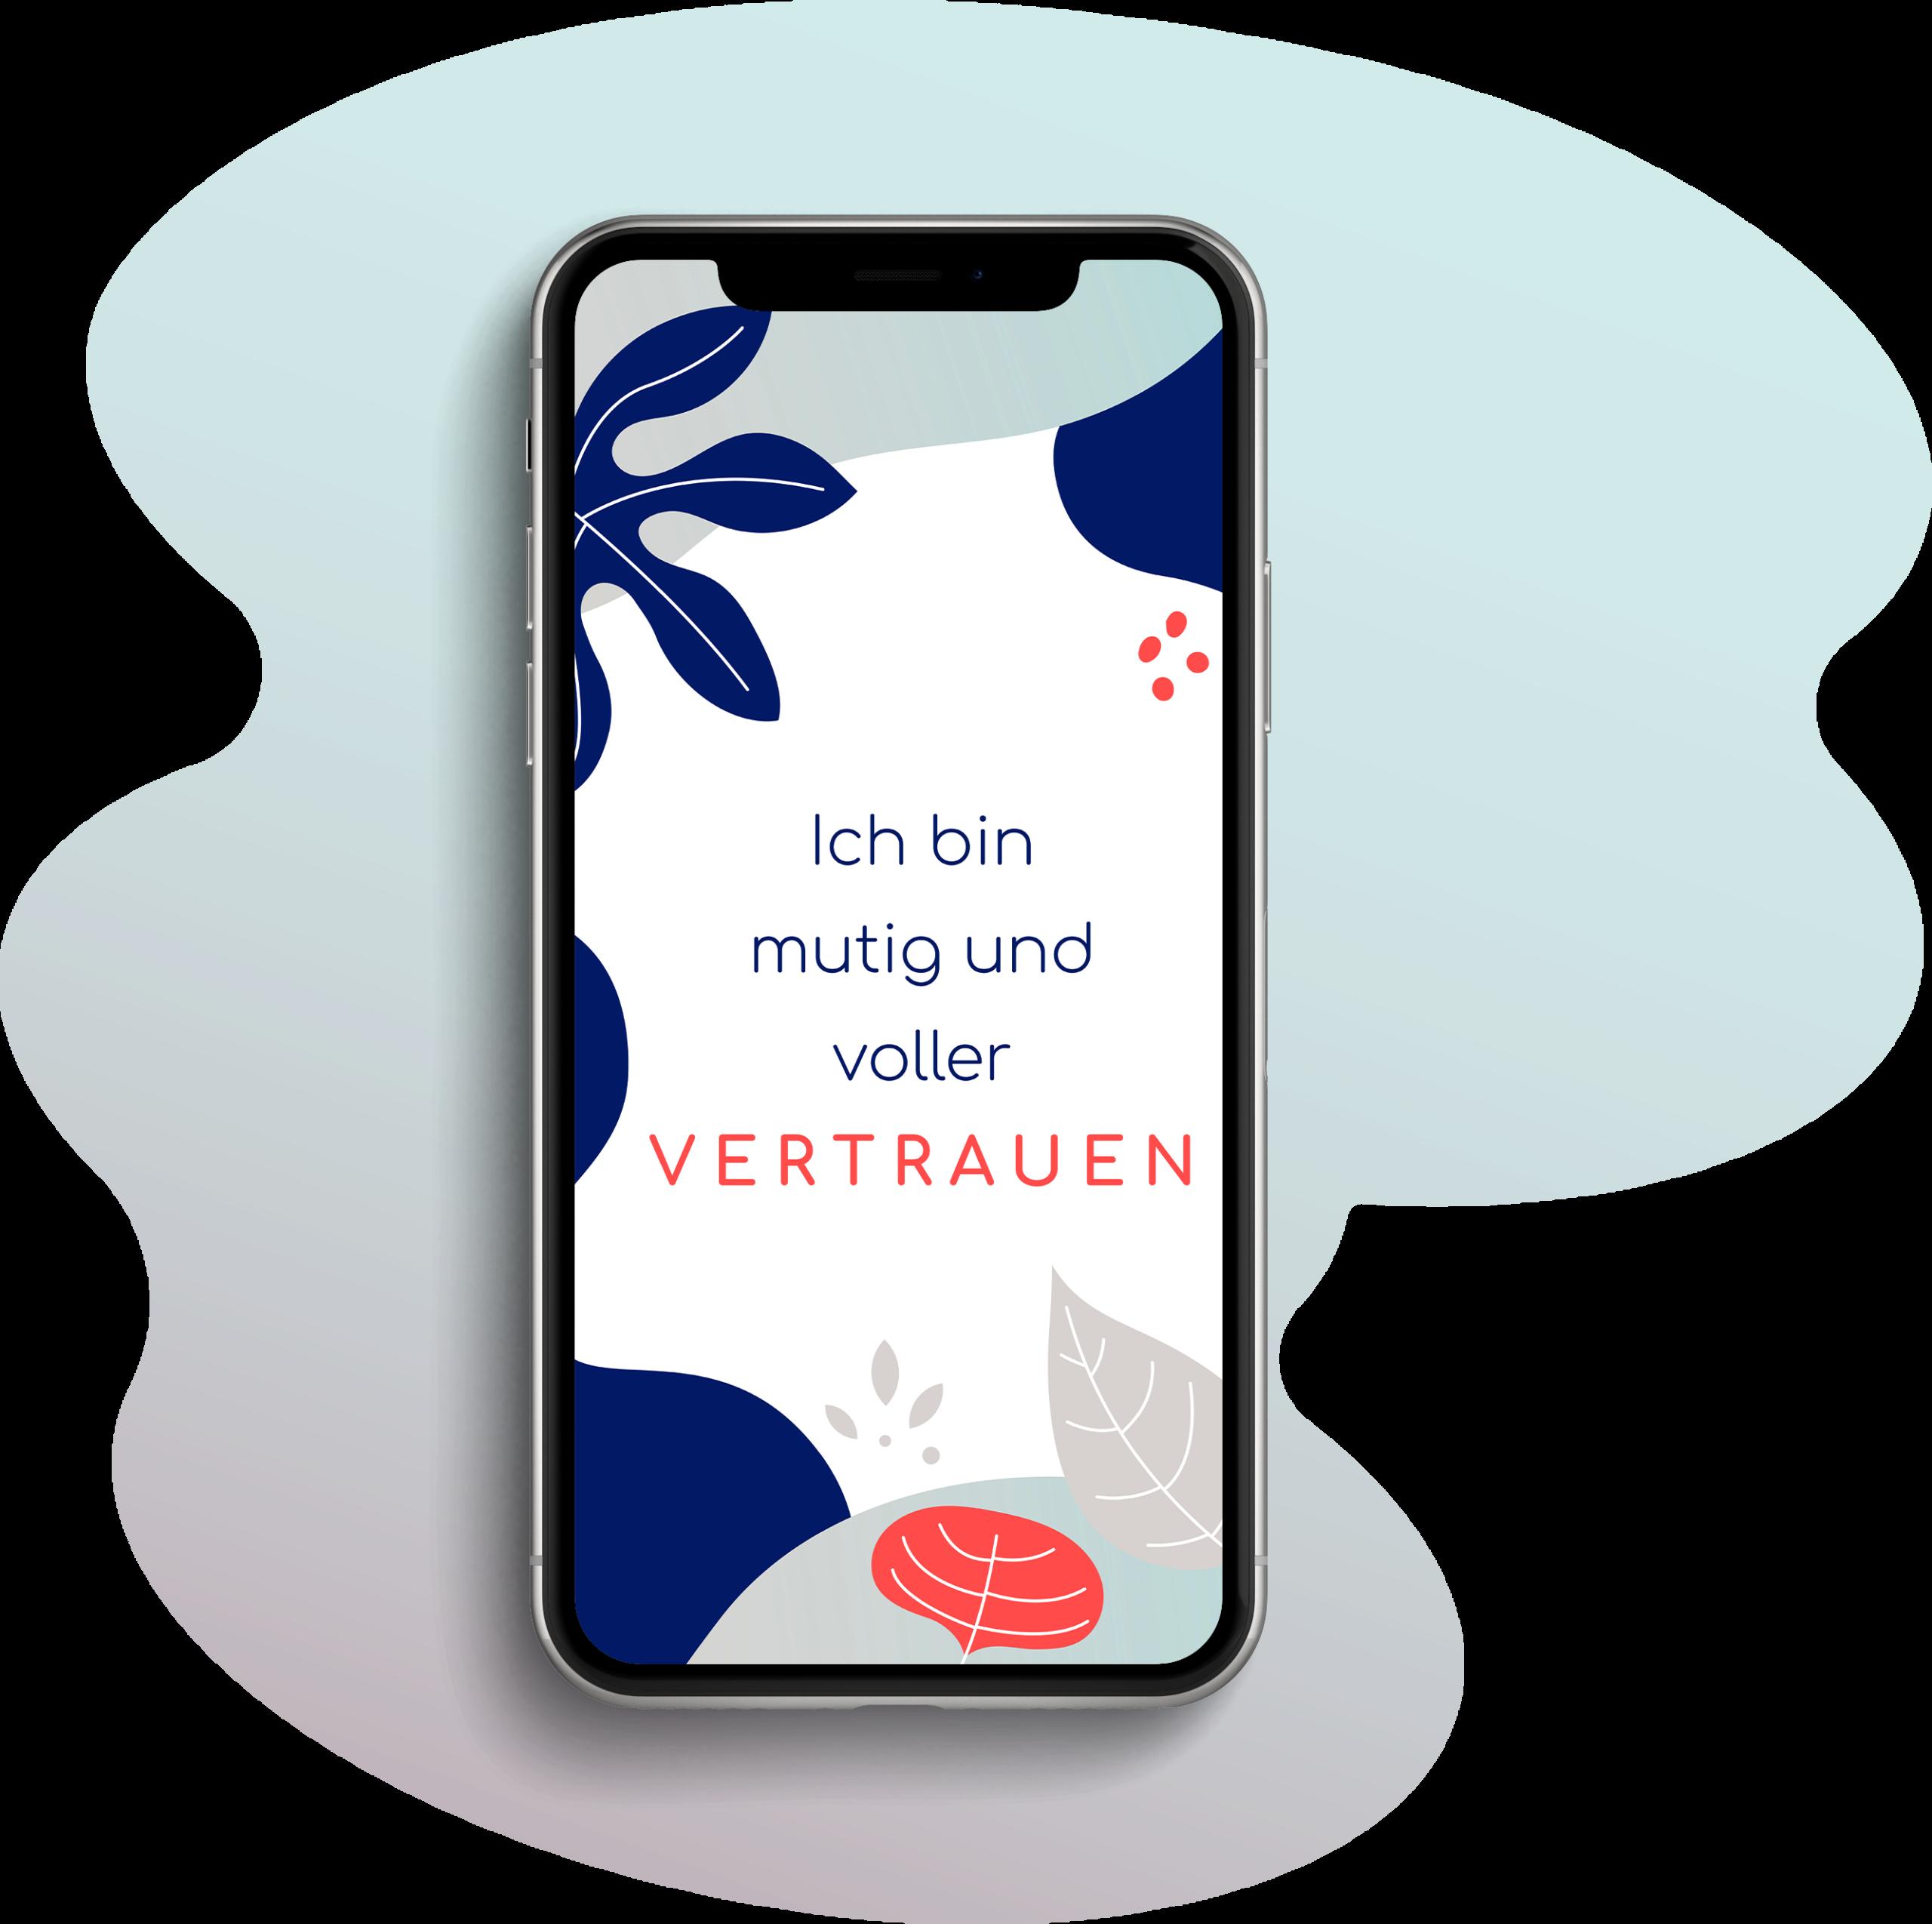 """Ansicht eines iPhone-Screens. Gezeigt wird ein Handy Wallpaper mit einer Illustration in blau, rot und grau. Blätter und Blumen umrahmen die Affirmation """"Ich bin mutig und voller Vertrauen"""""""